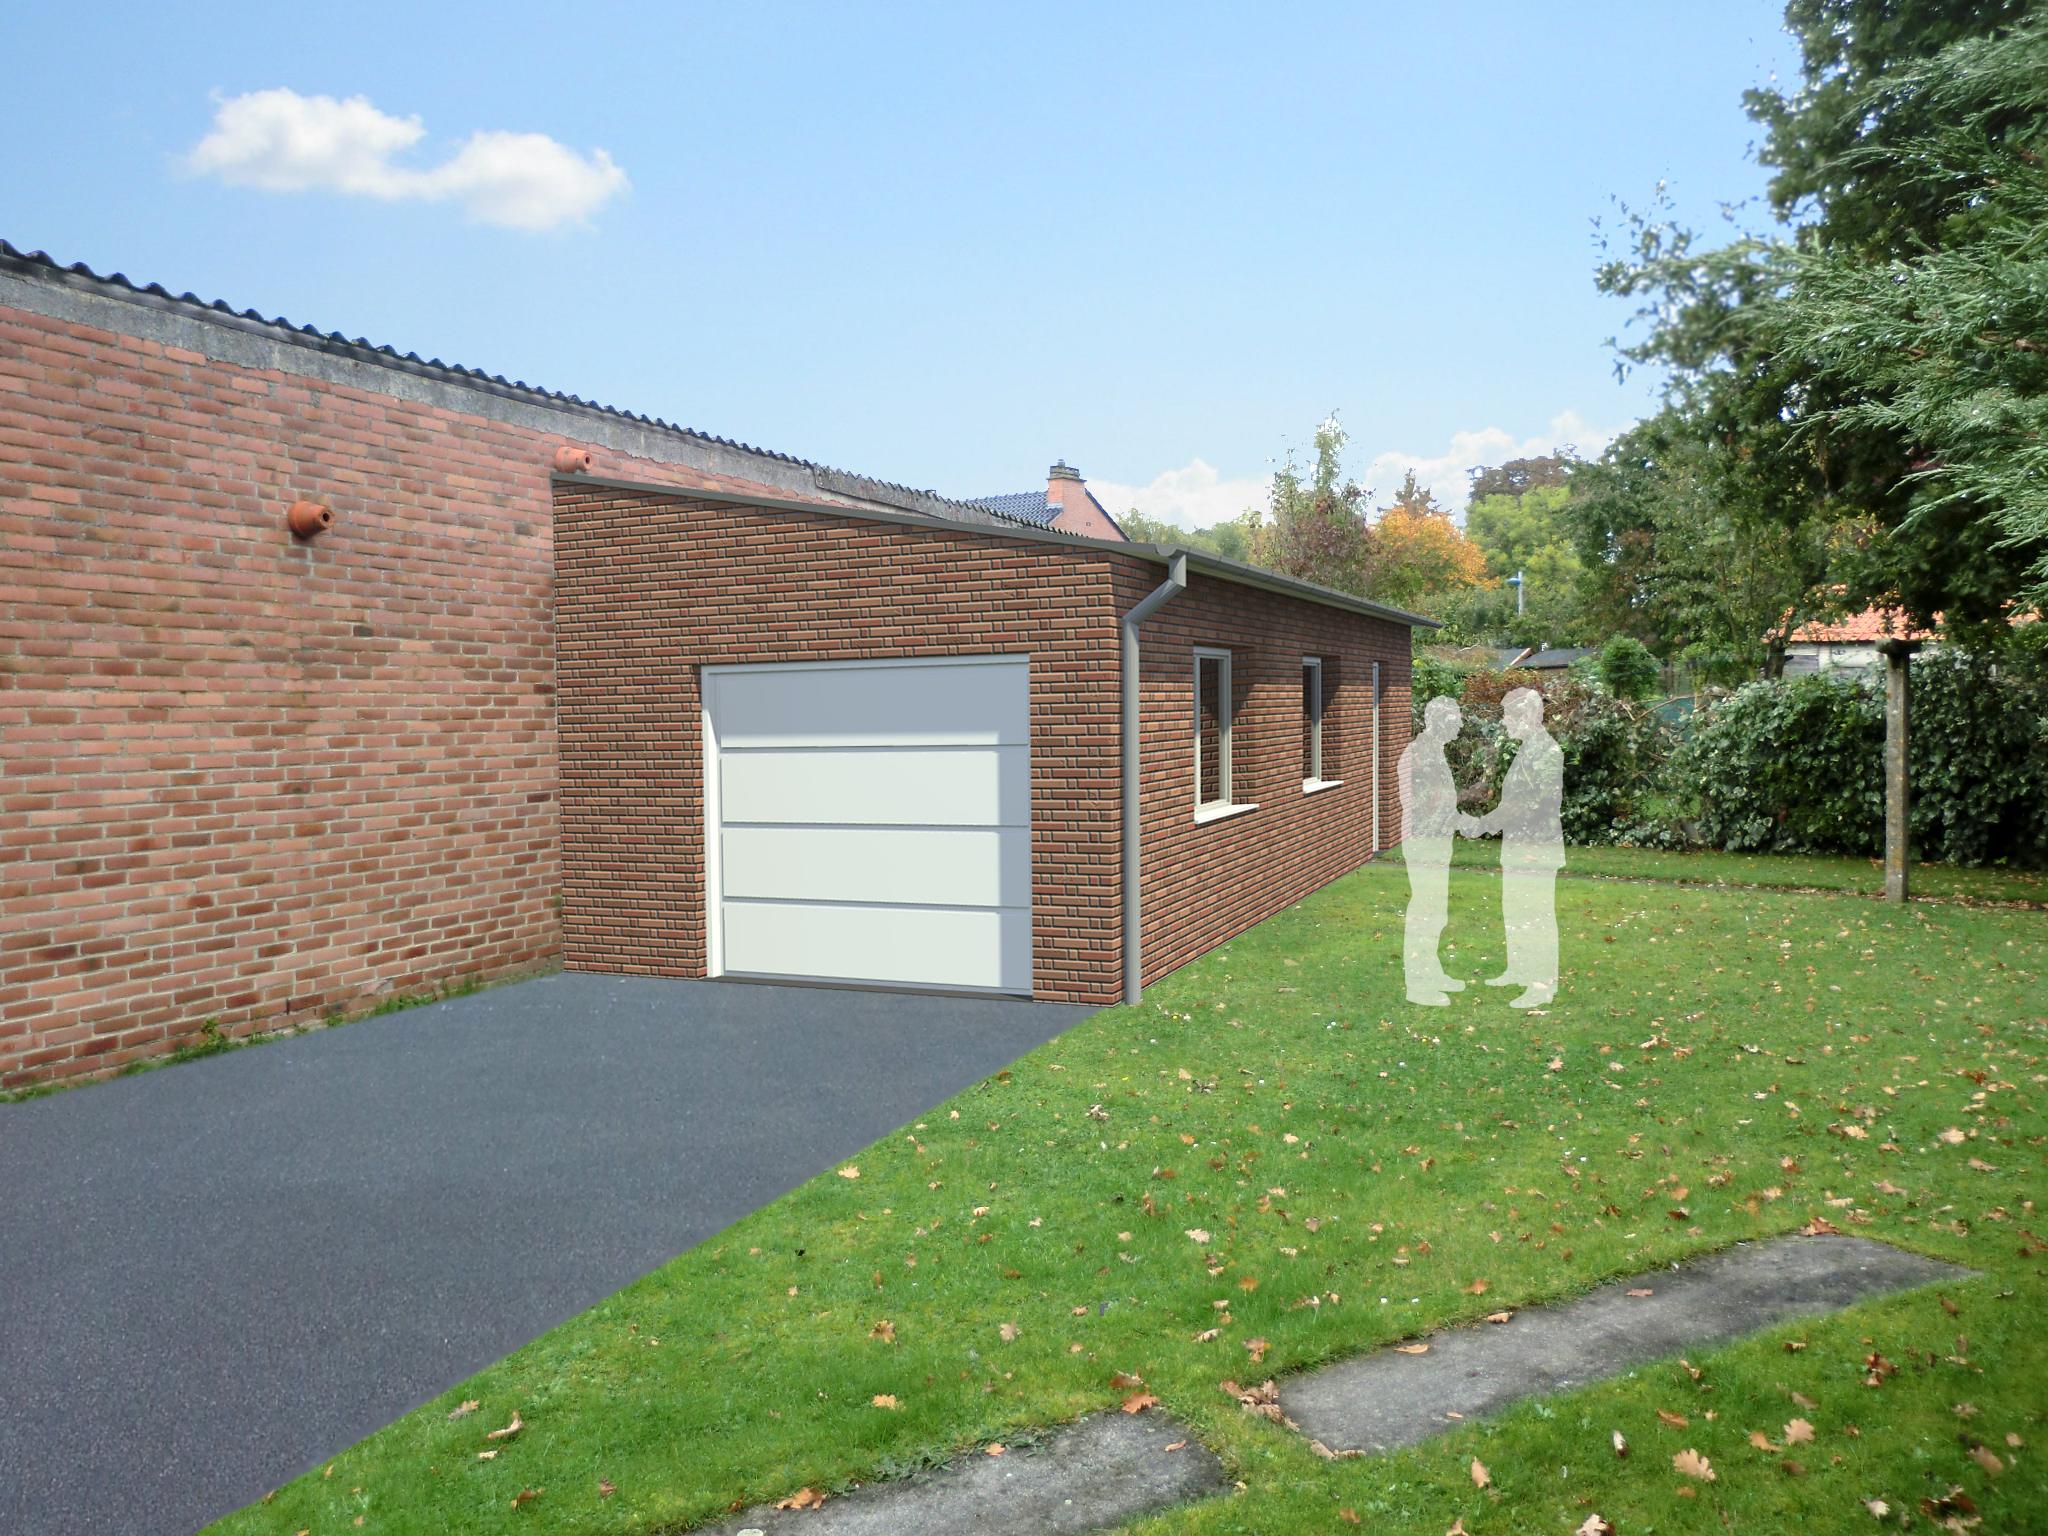 transformation d 39 un garage en chambre avec la construction d 39 un nouveau garage. Black Bedroom Furniture Sets. Home Design Ideas